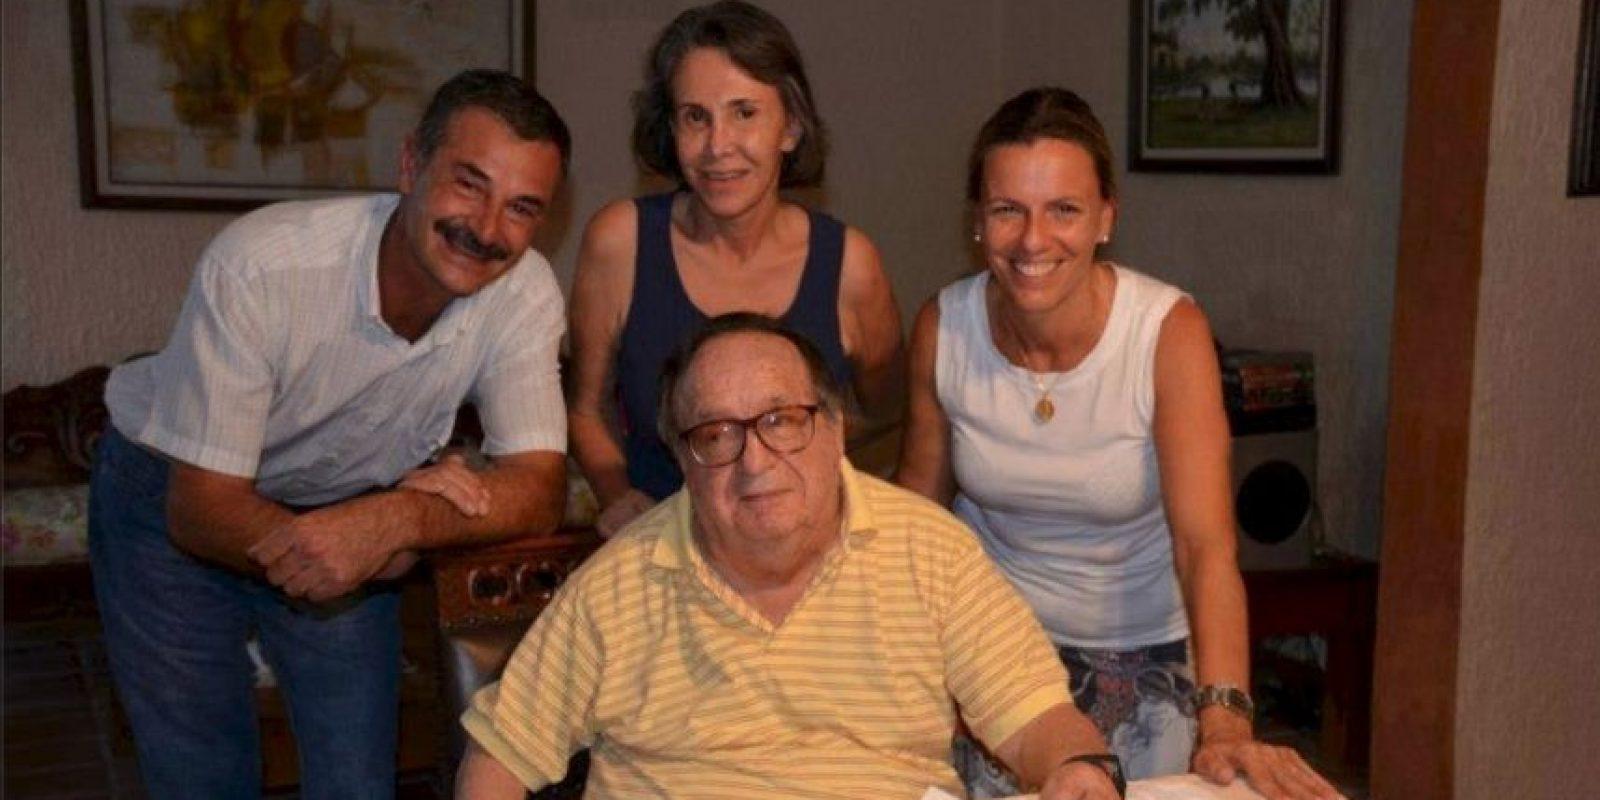 Con amigos en Cancún Foto:Roberto Gómez Bolaños/Facebook